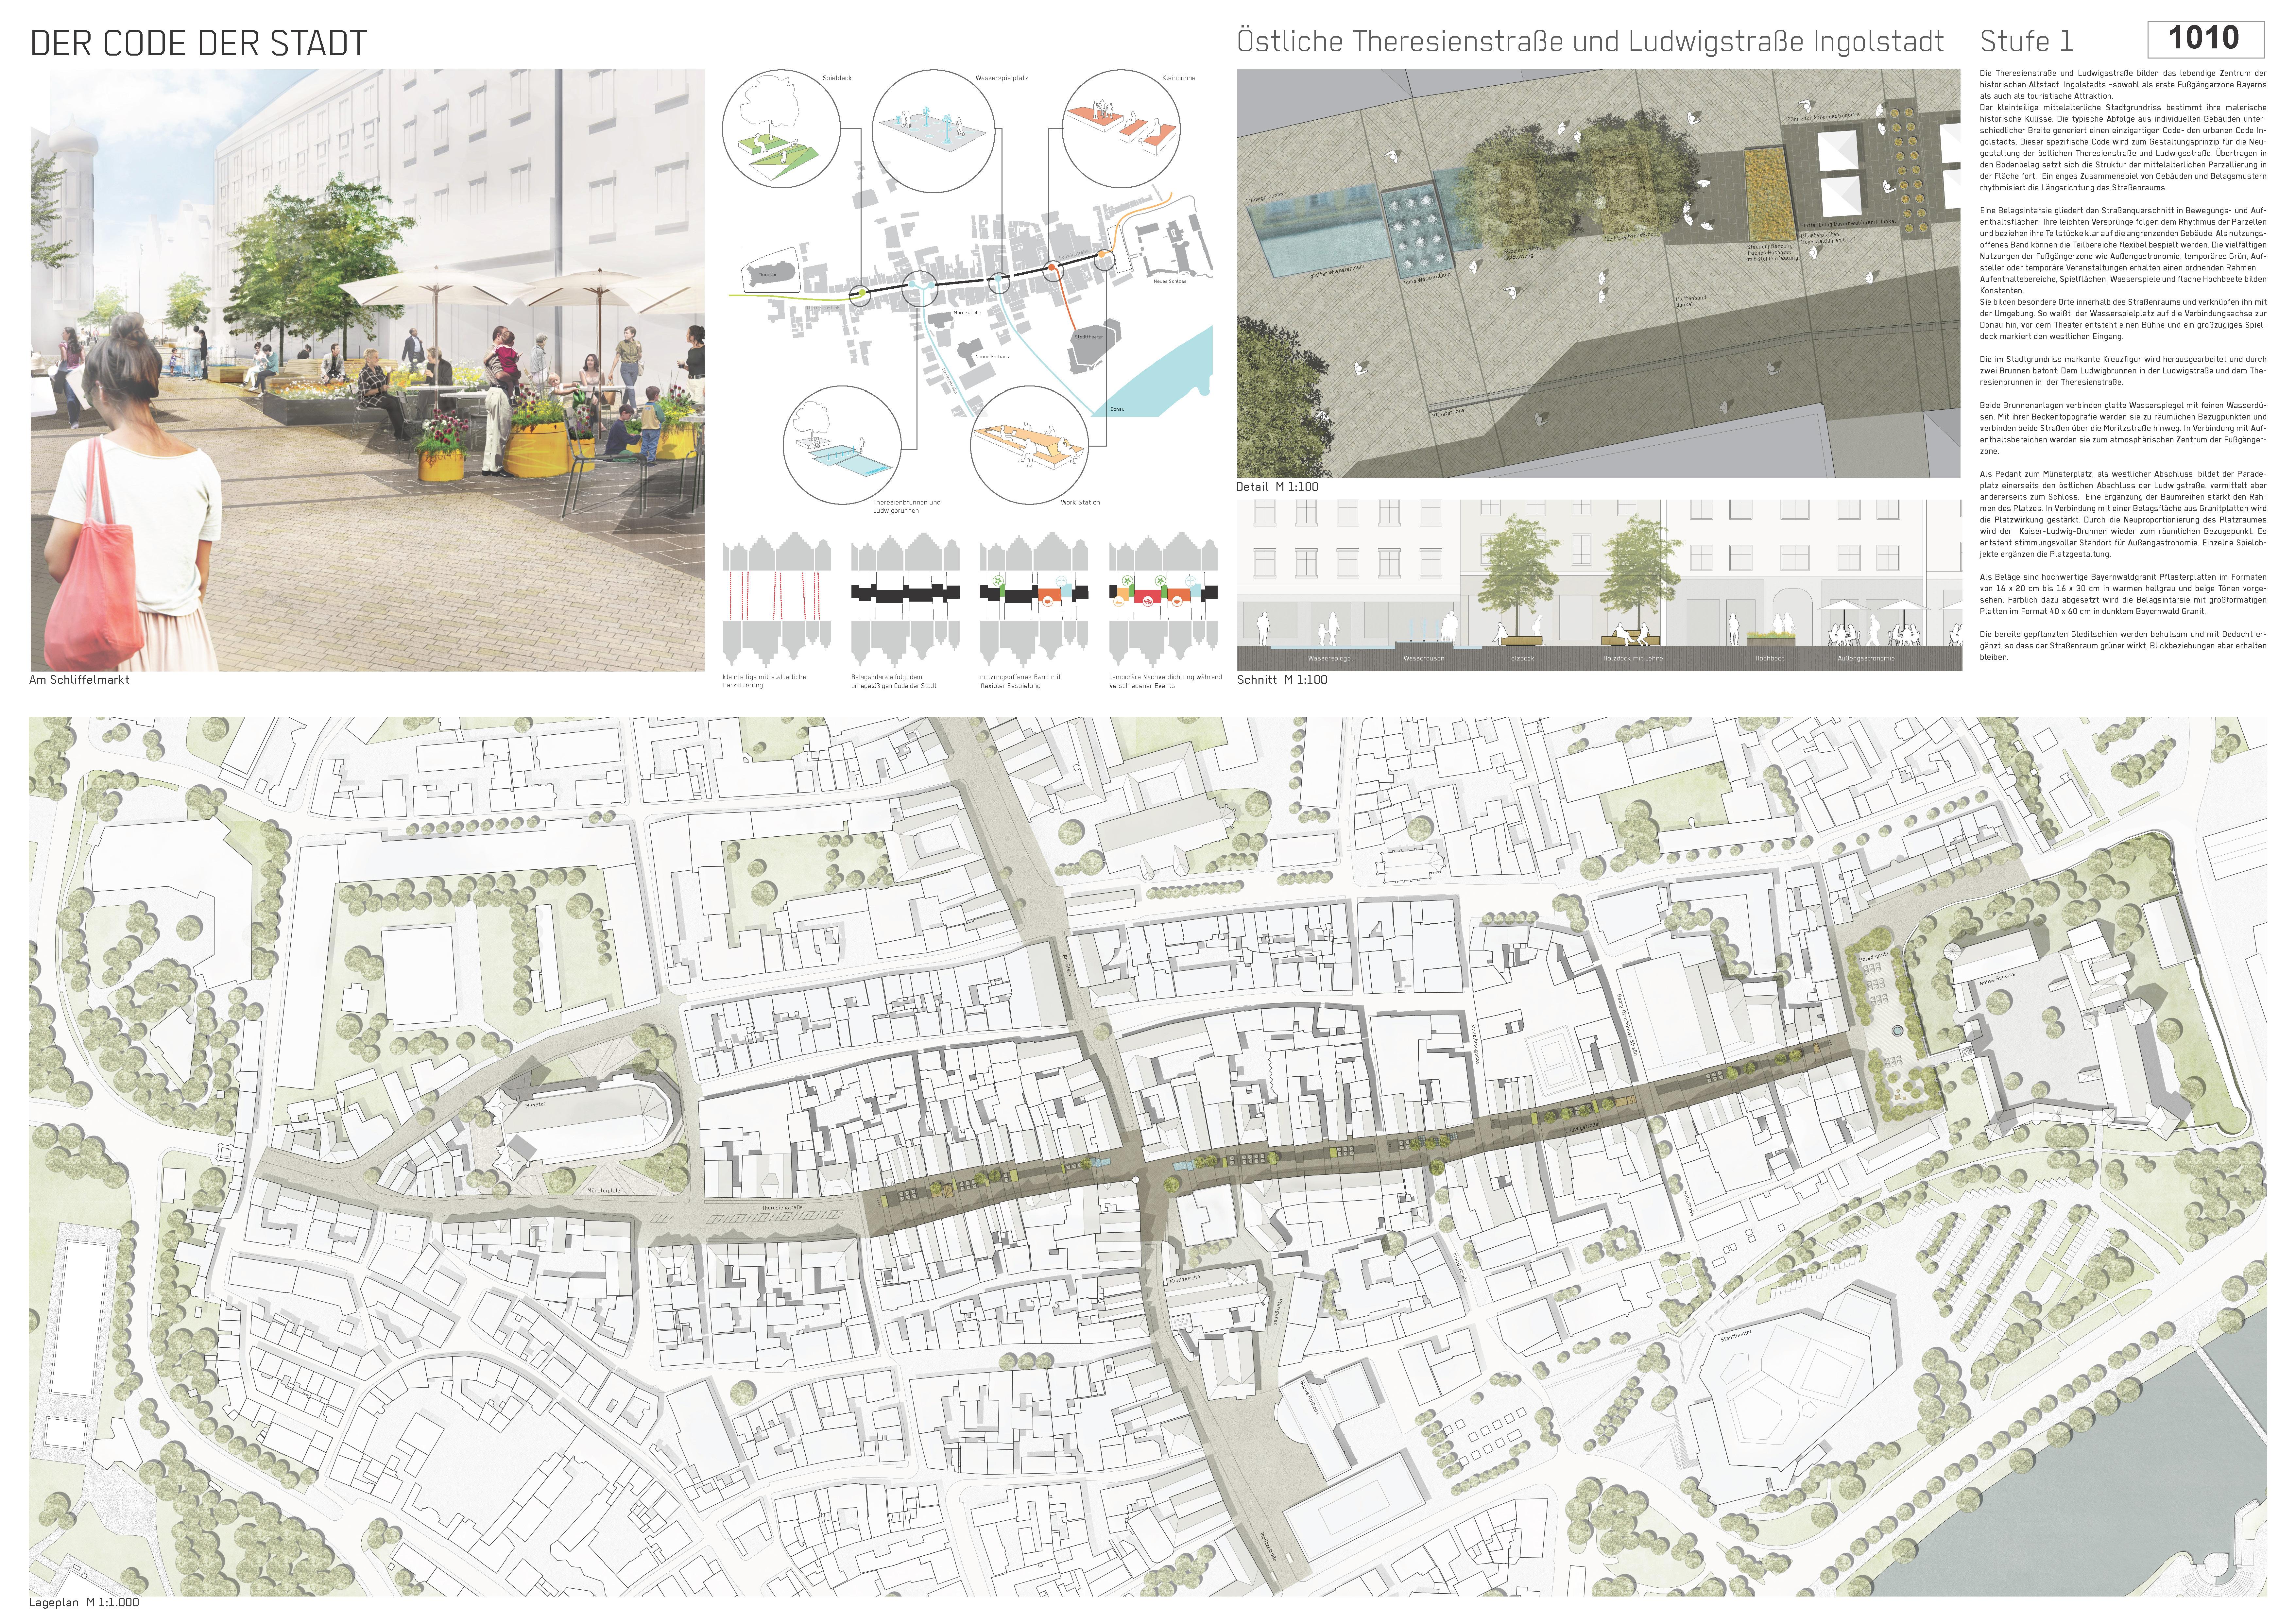 Preisgruppe 1. Stufe Planungswettbewerb Neugestaltung Fußgängerzone Arbeit 2 (1010)